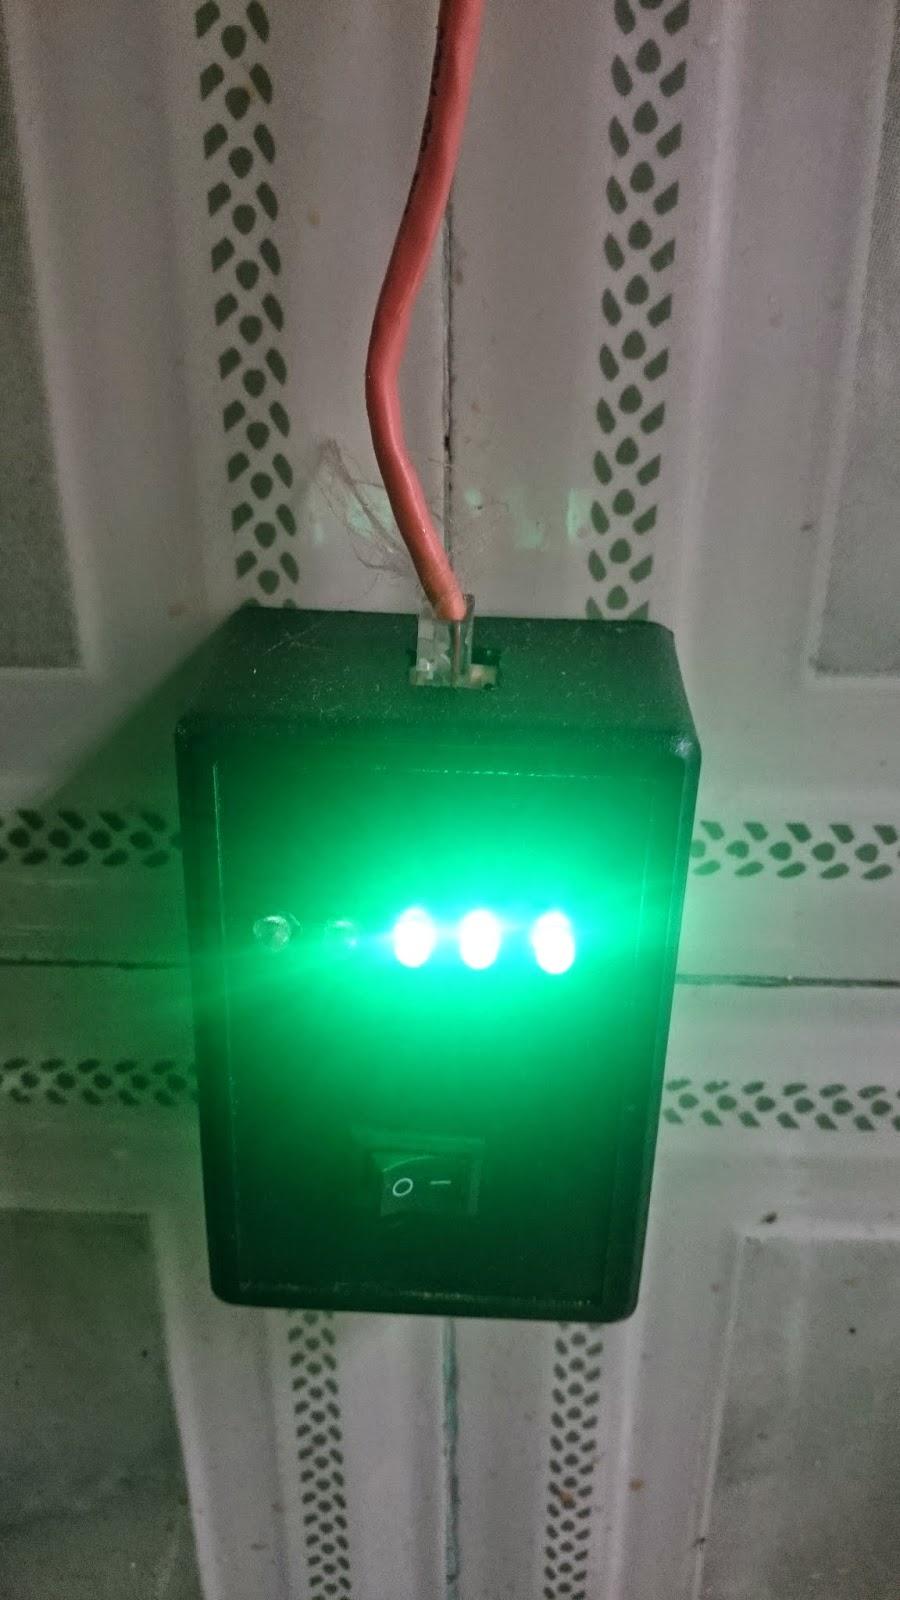 قياس مستوى الماء الموجود في الخزان Water level sensor for tank